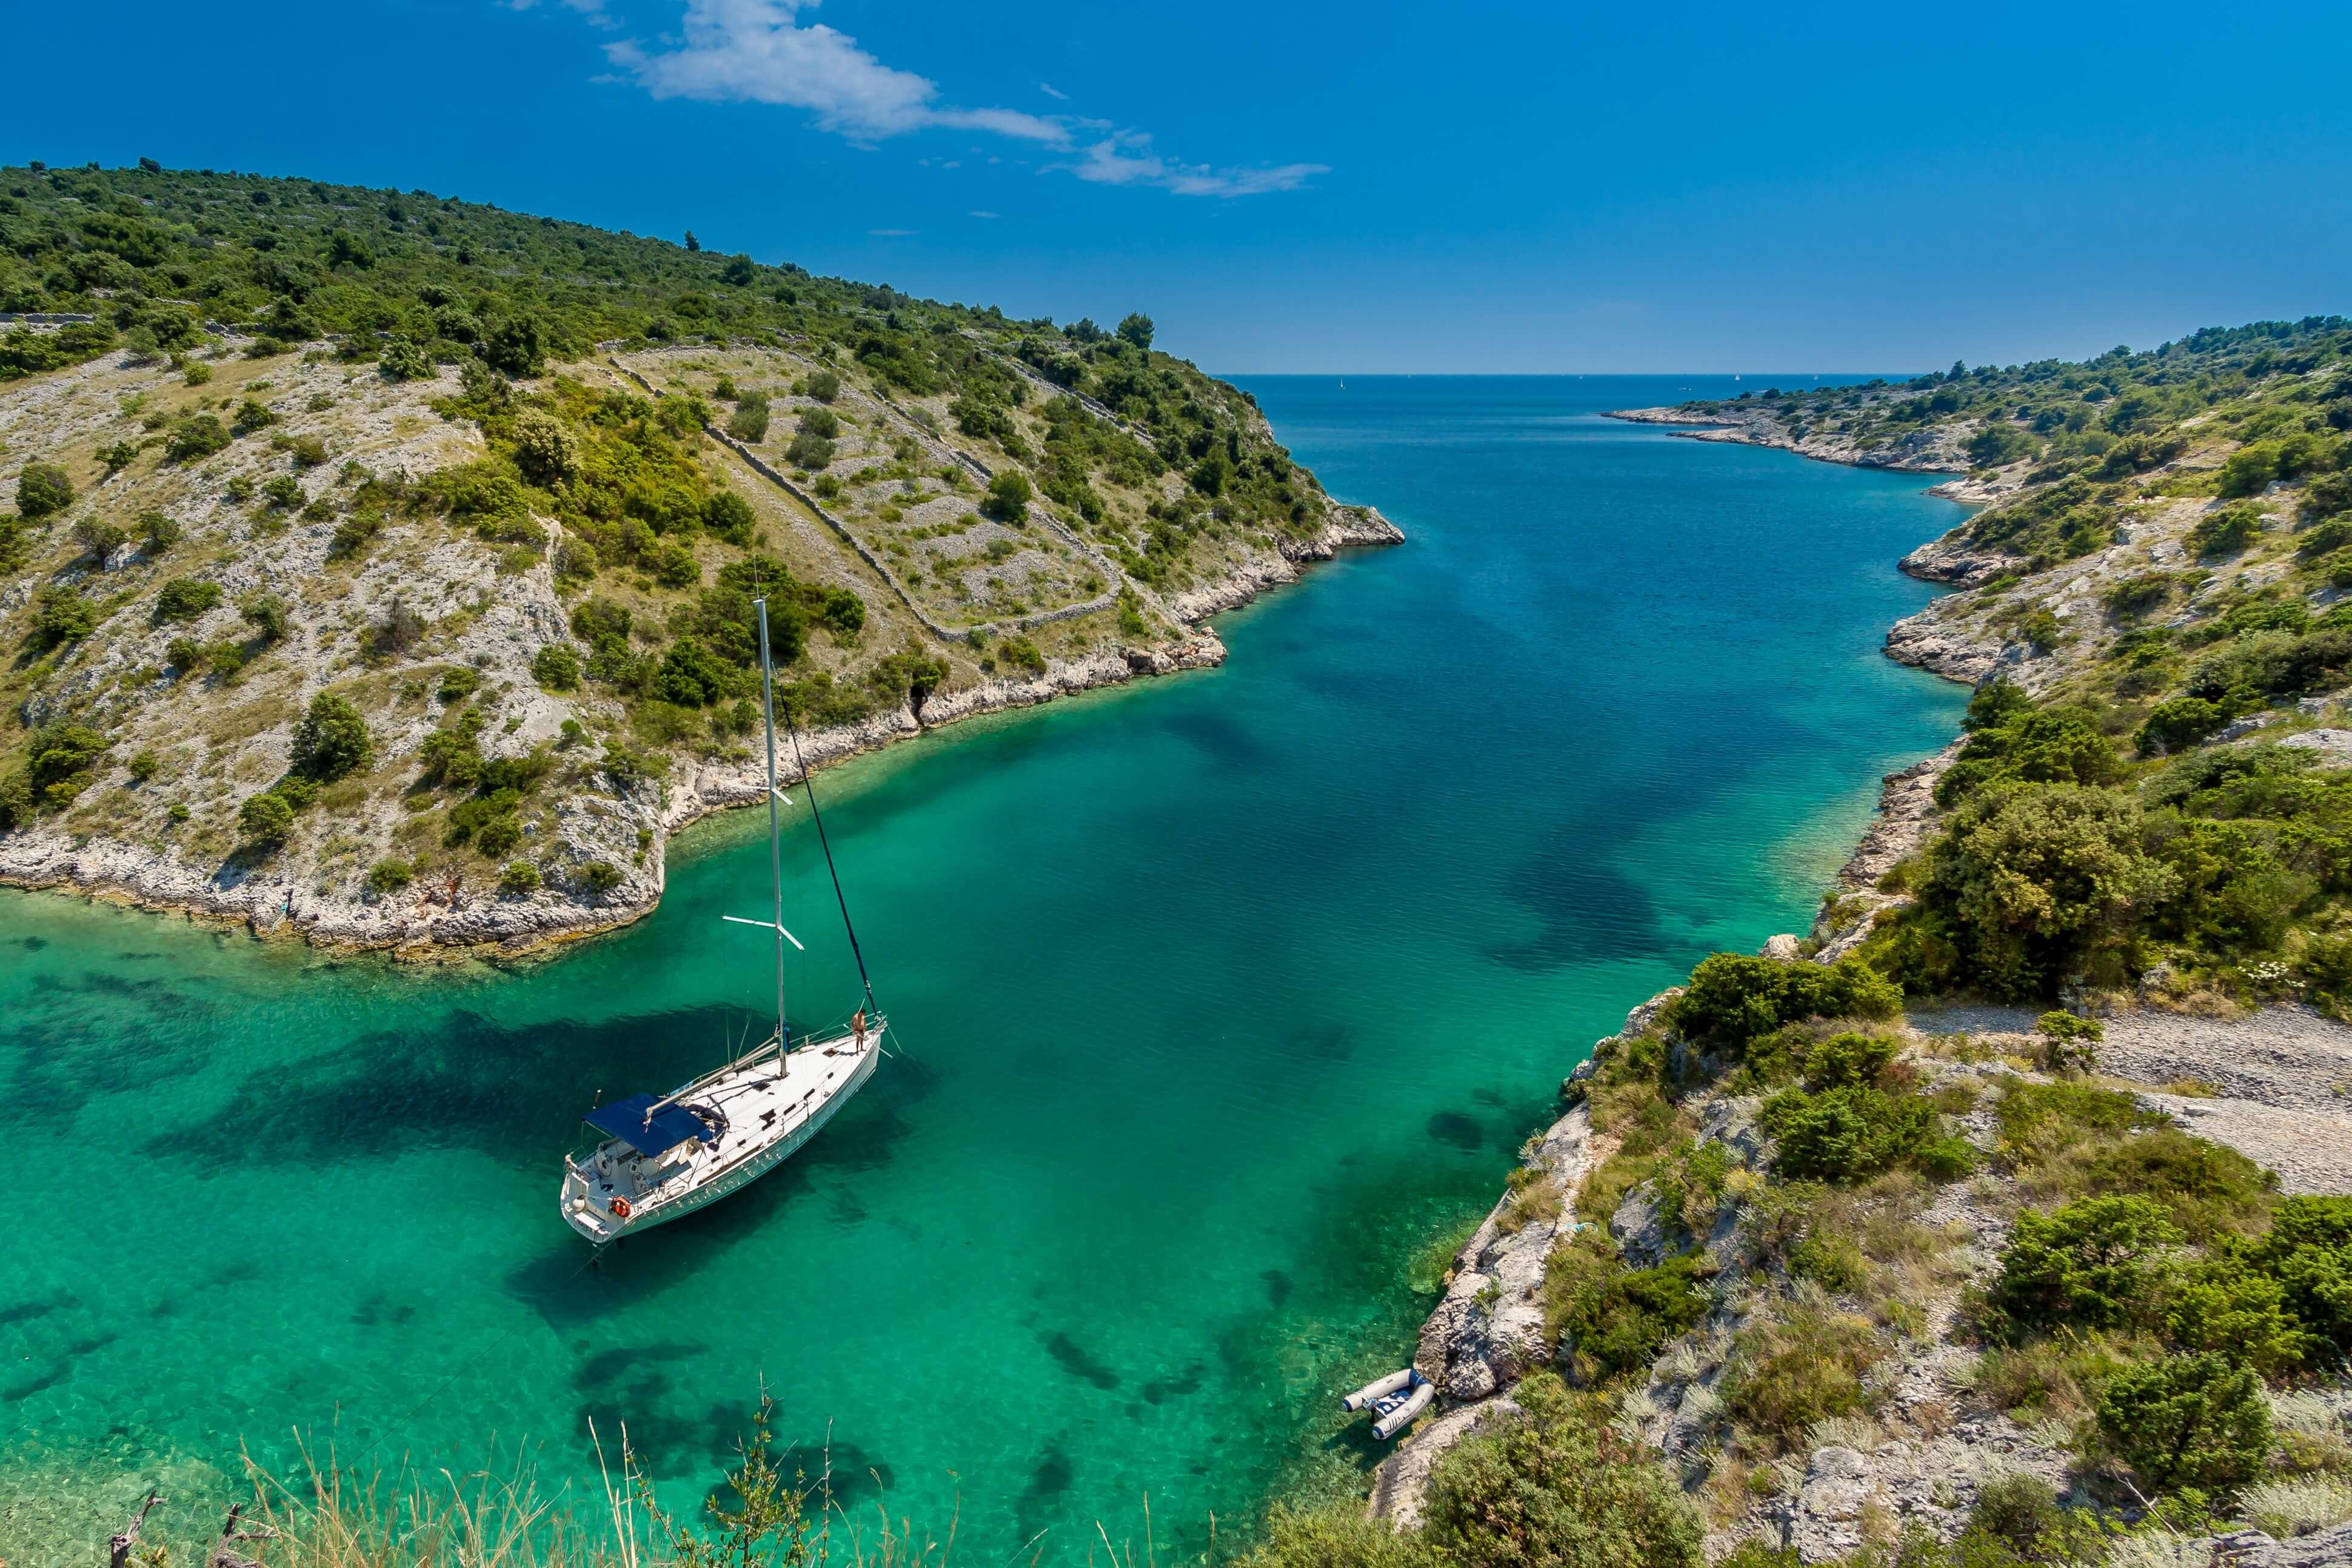 boot huren in kroatie, zeilboot huren kroatie, catamaran huren kroatie, zeilvakantie kroatie, vaarvakatie kroatie, vakantie kroatie